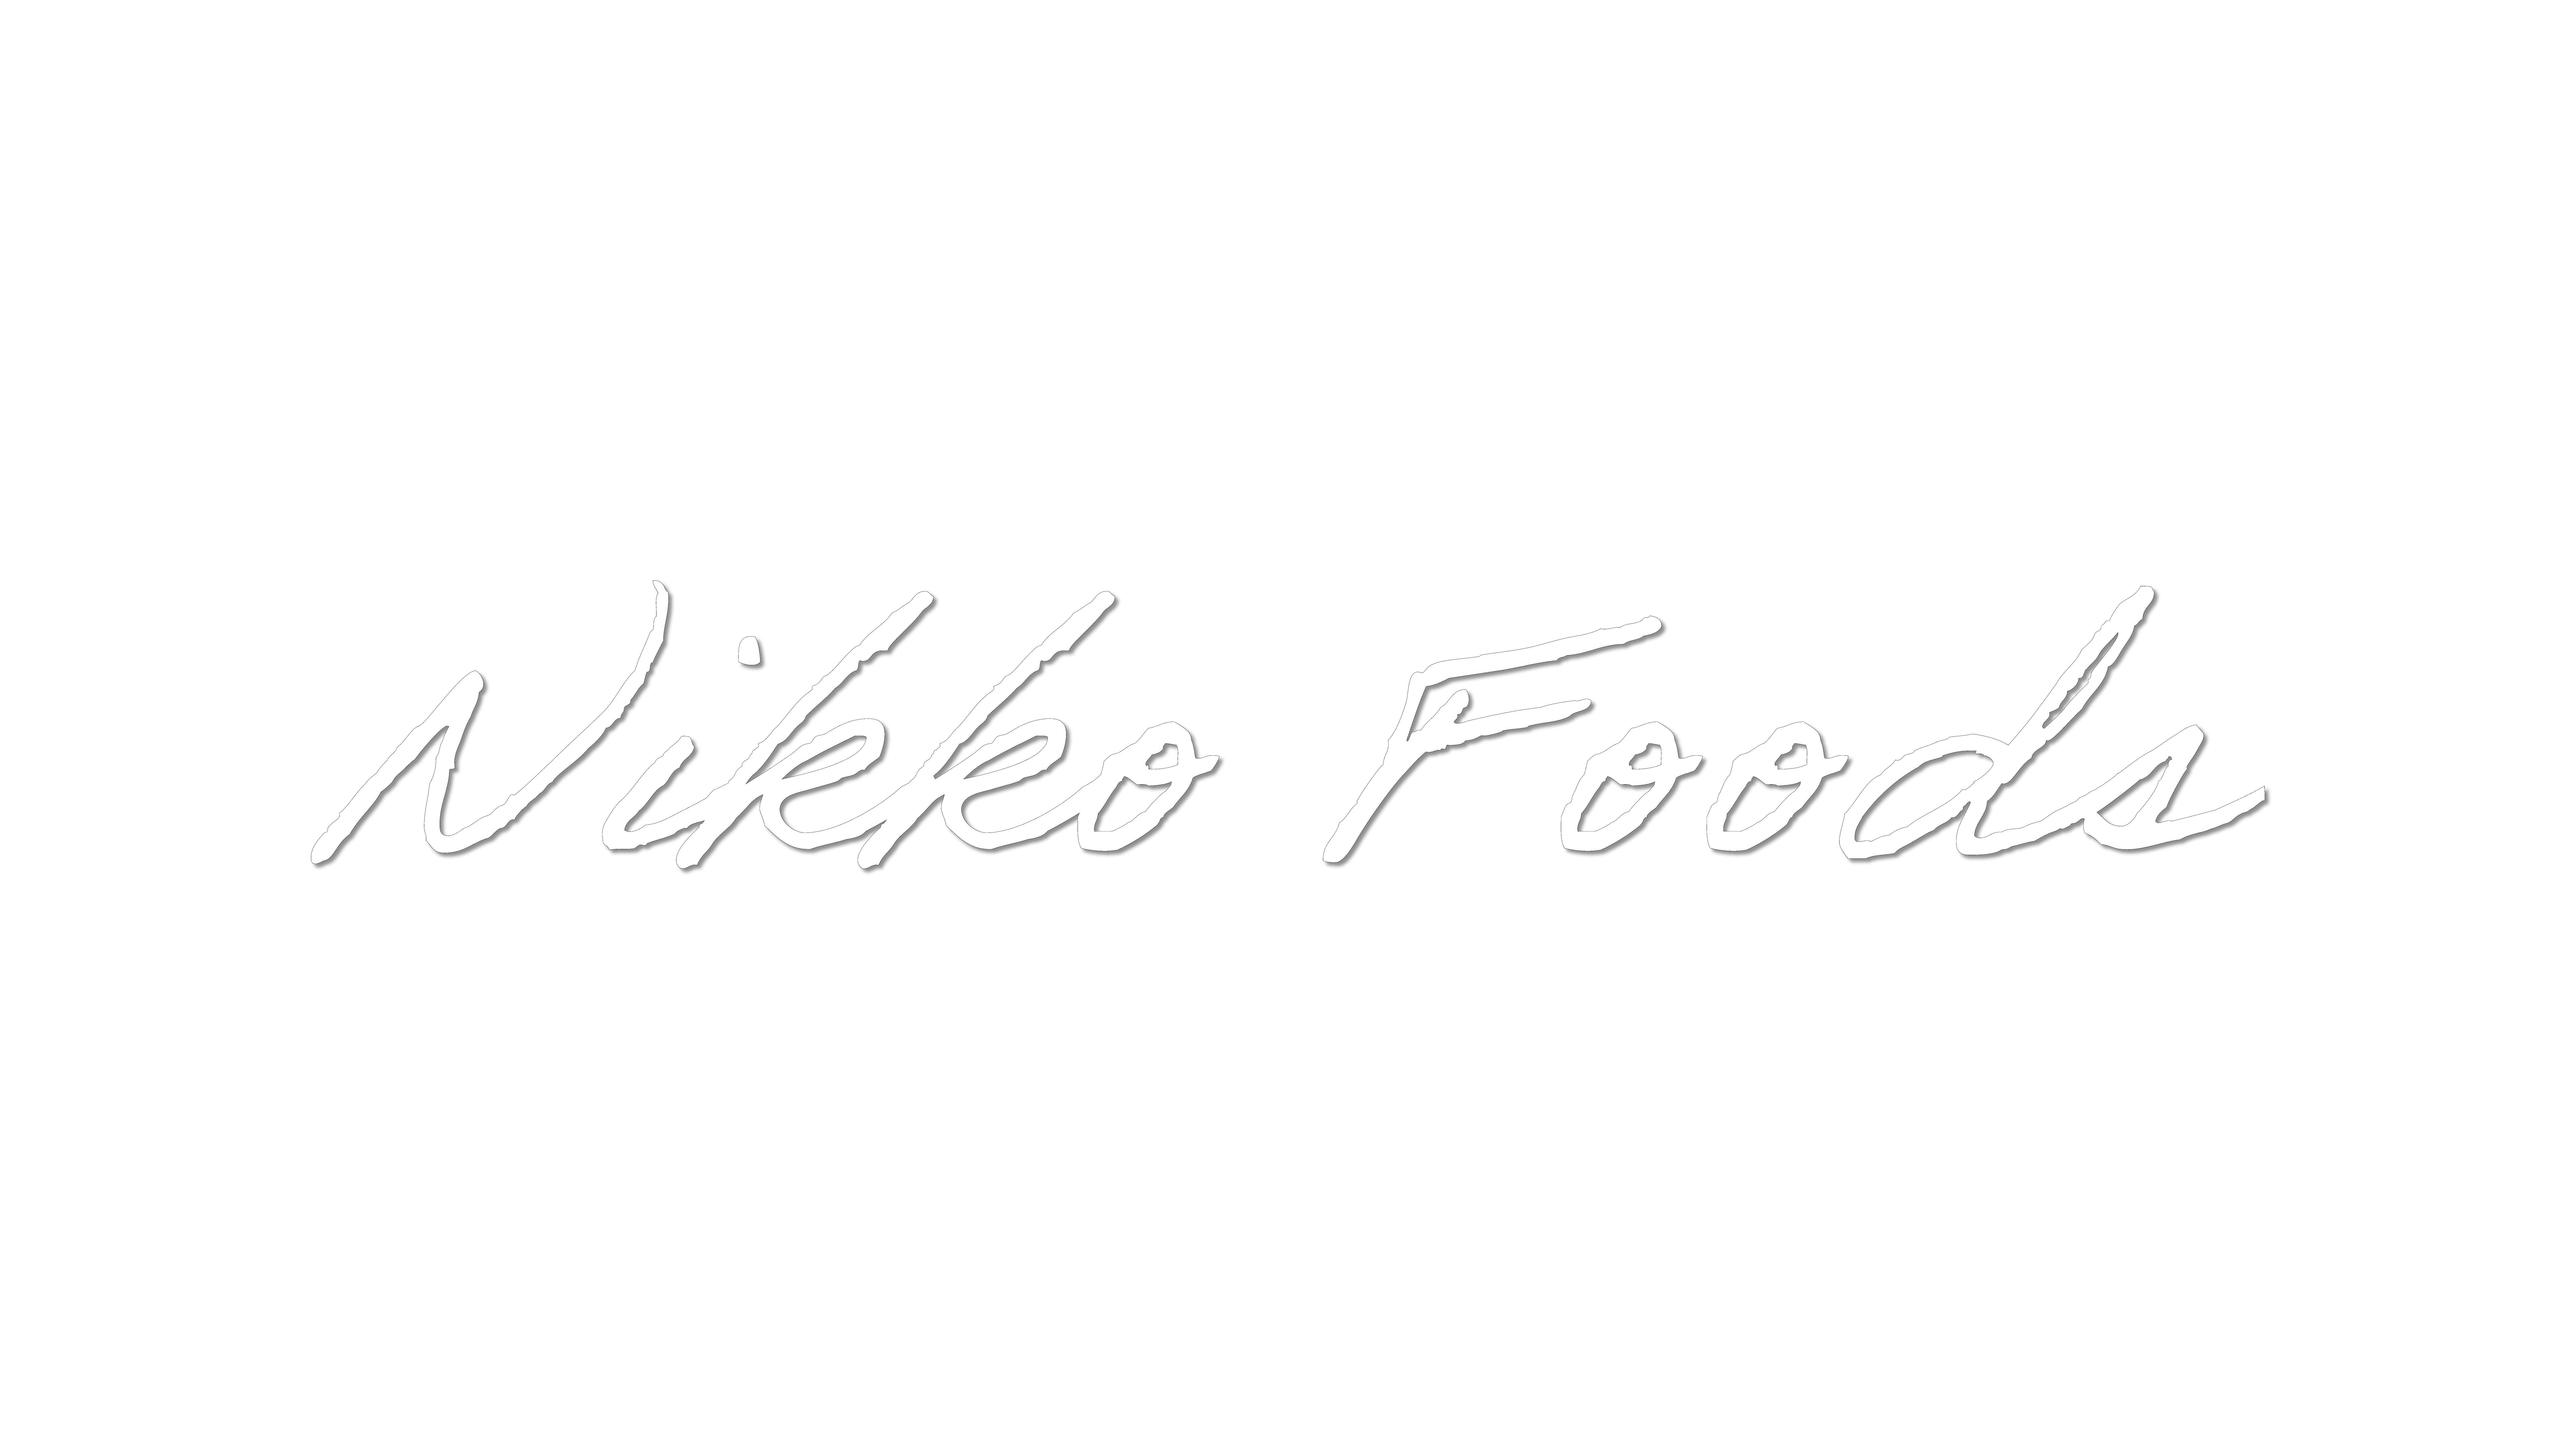 NIKKO FOODS